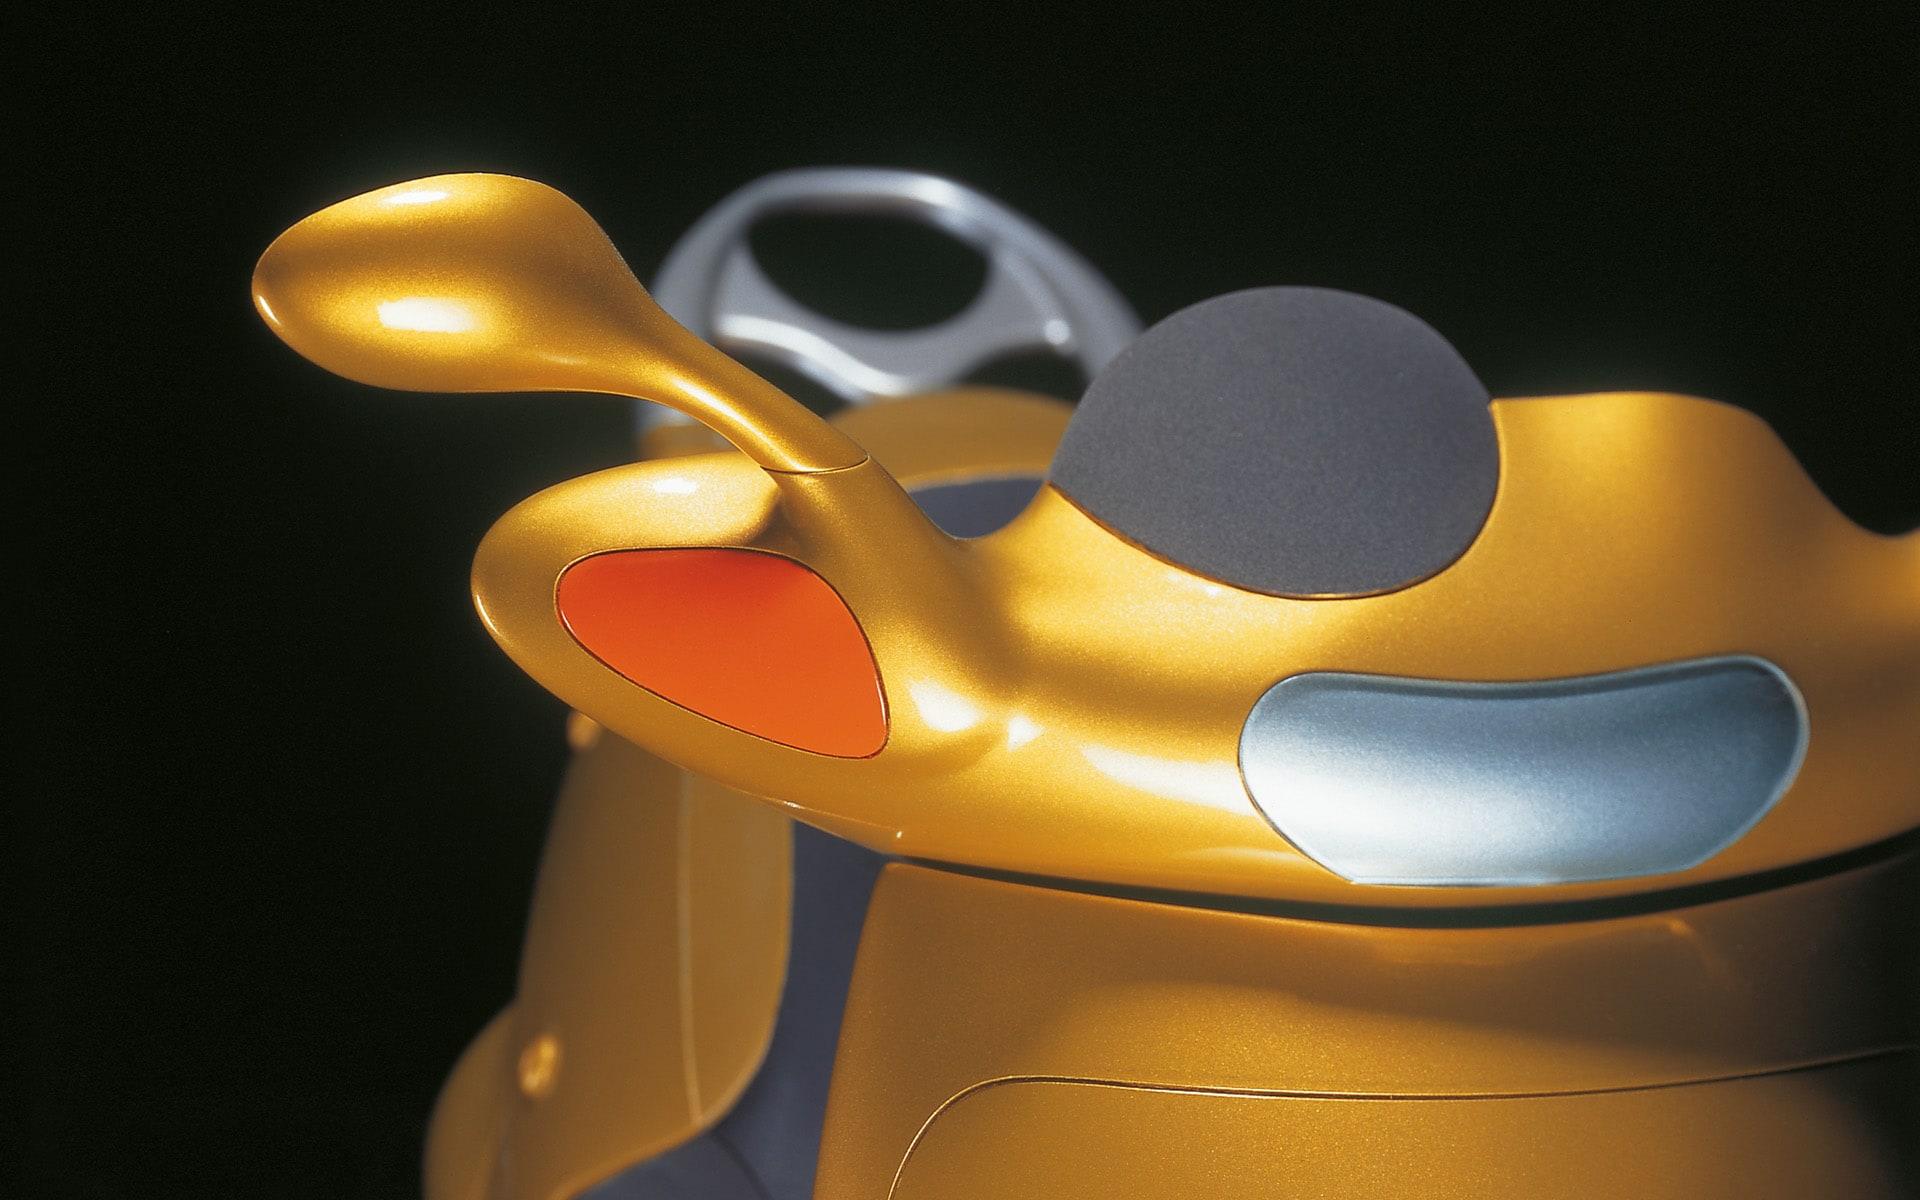 Goldfarbener ITO Design Motorroller für Hercules, 1993 entworfen